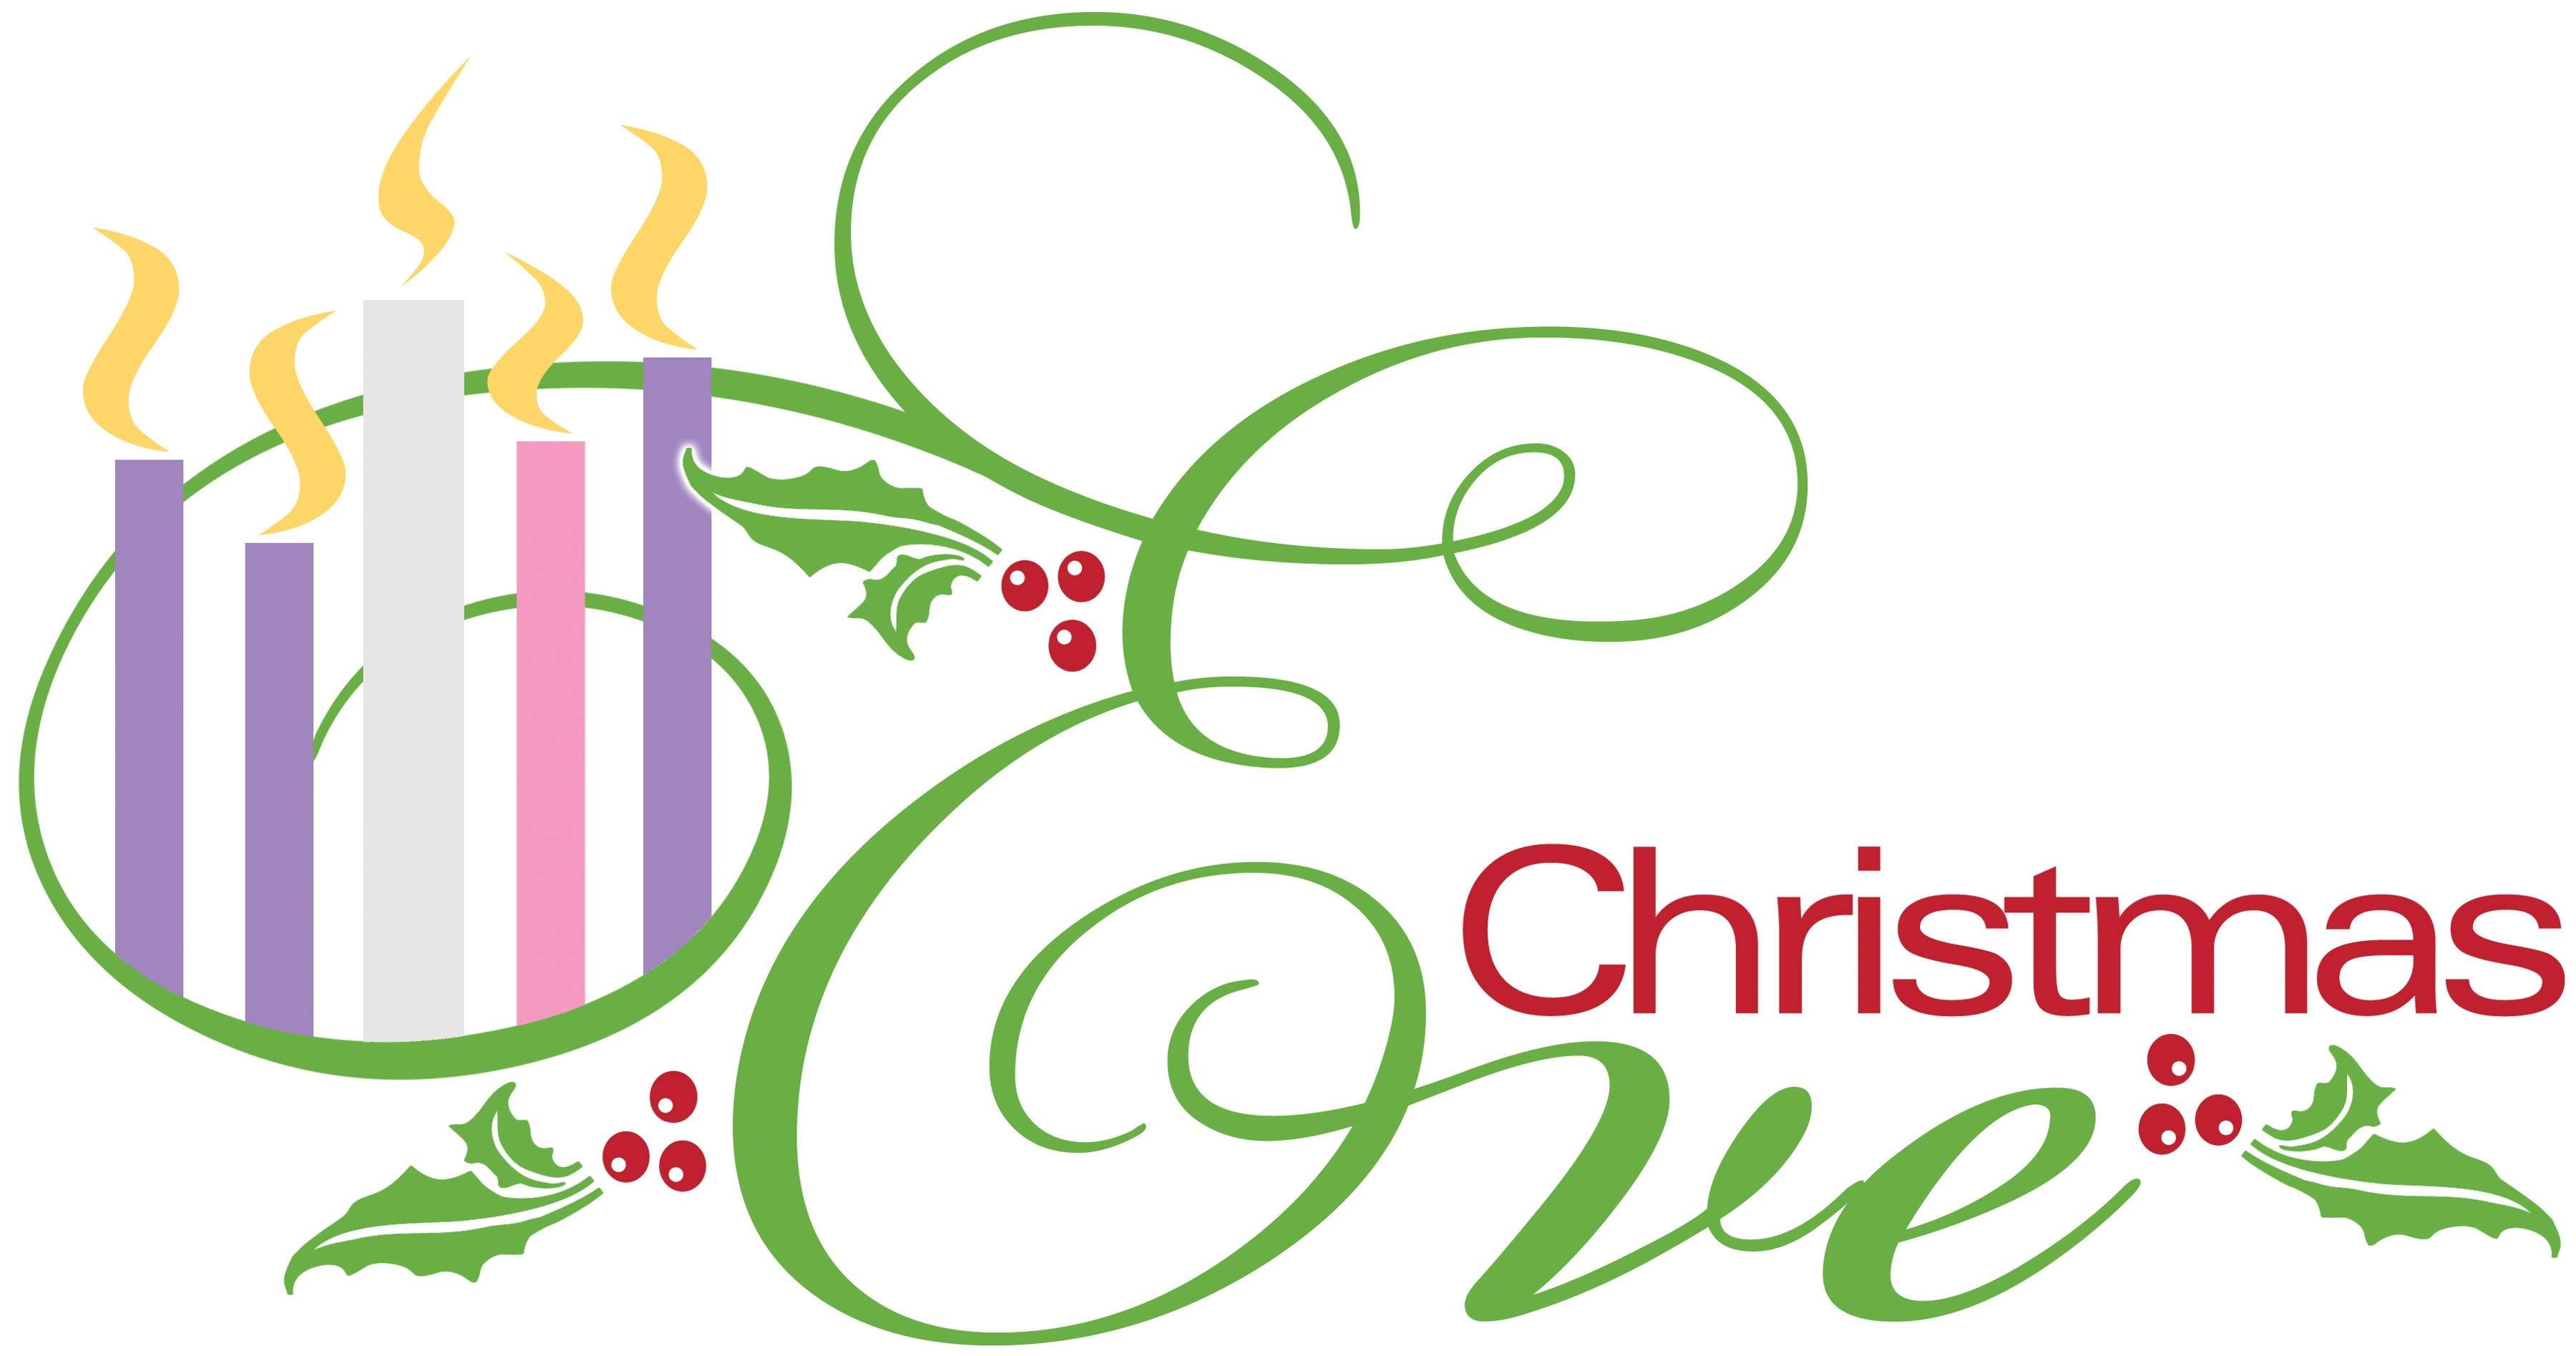 Christian christmas clipart Inspirational Christmas Christian.